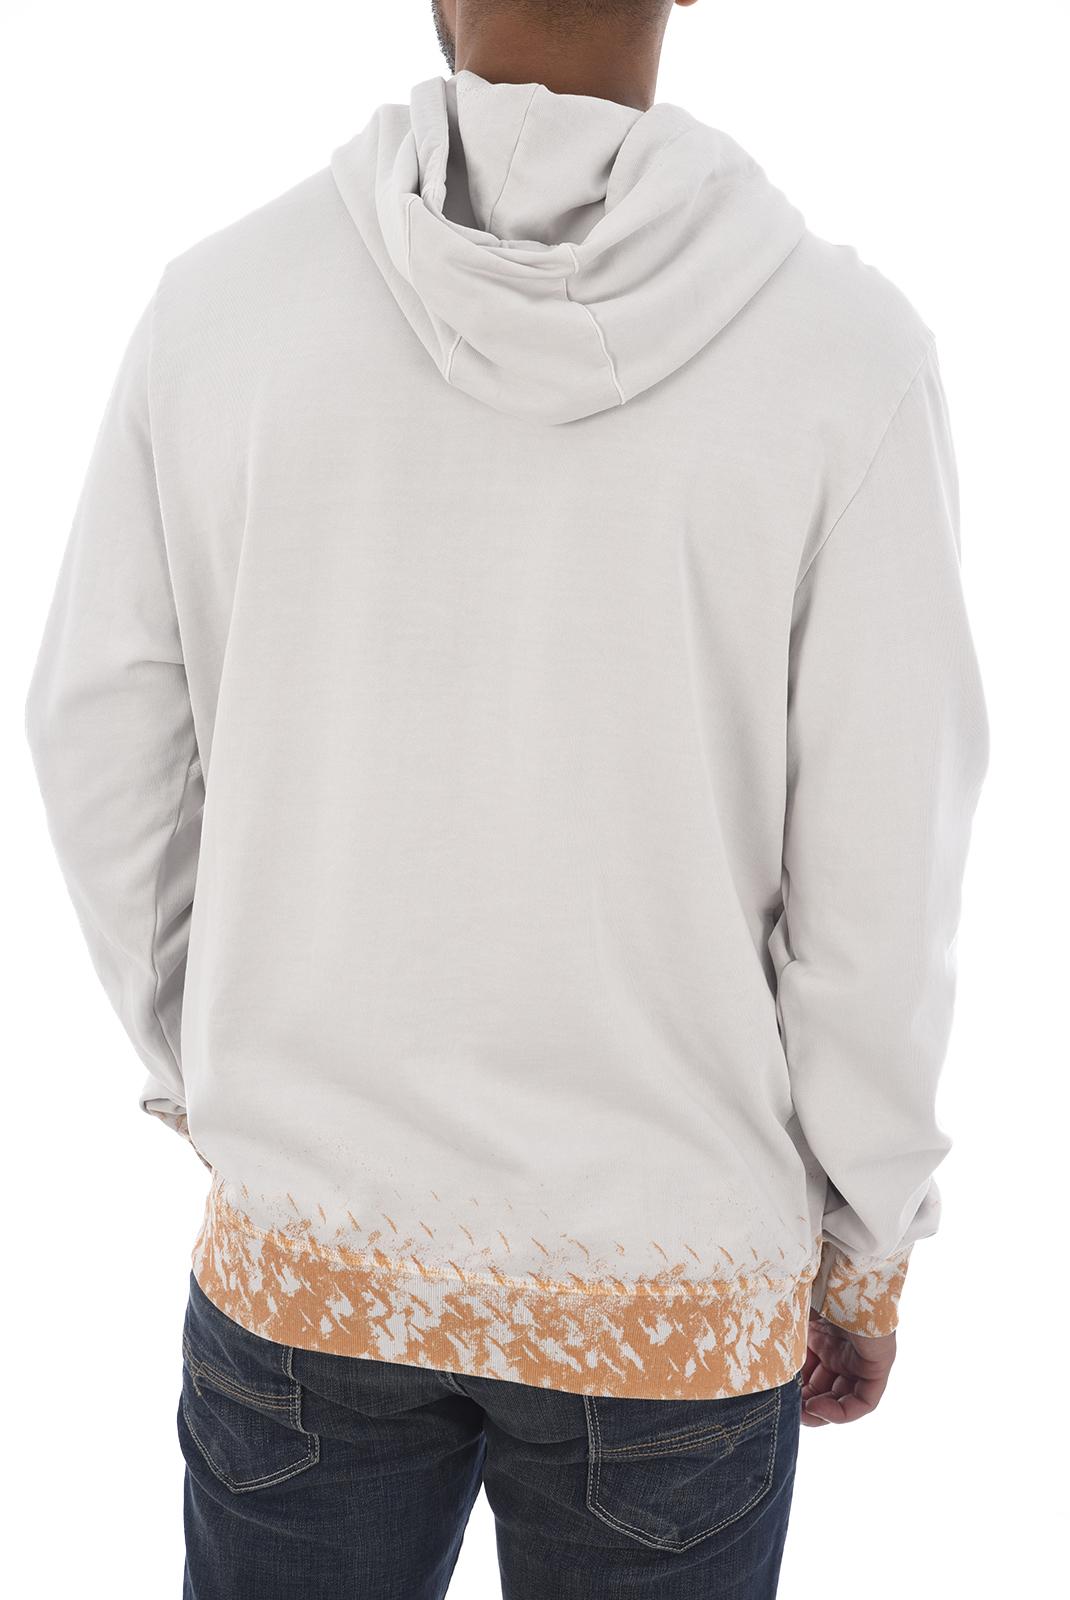 Sweatshirts  Meltin'pot FAS BI10 CREME